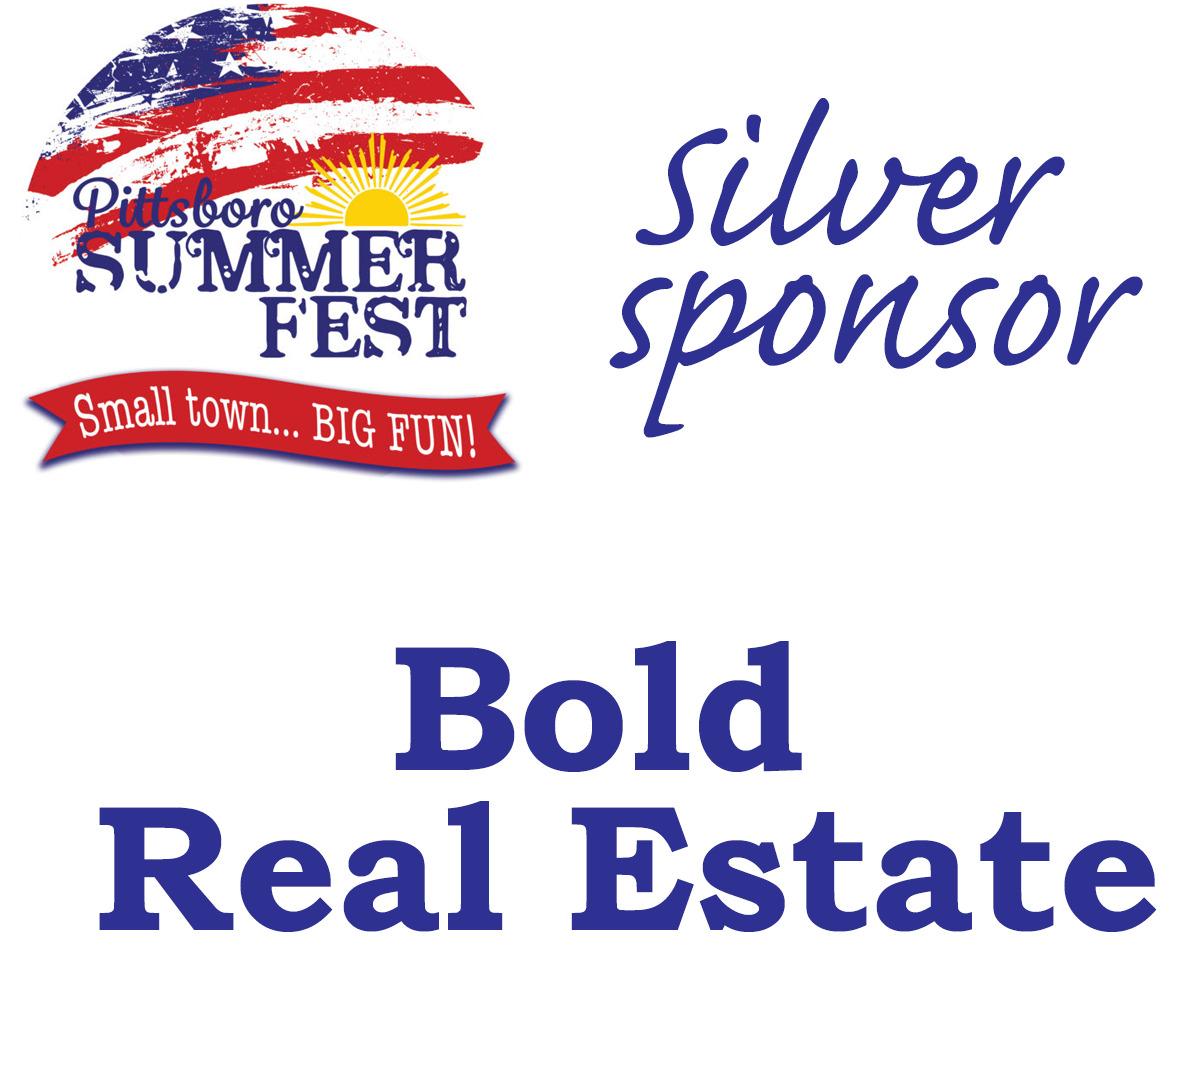 Summer Fest 2021 Silver Sponsor